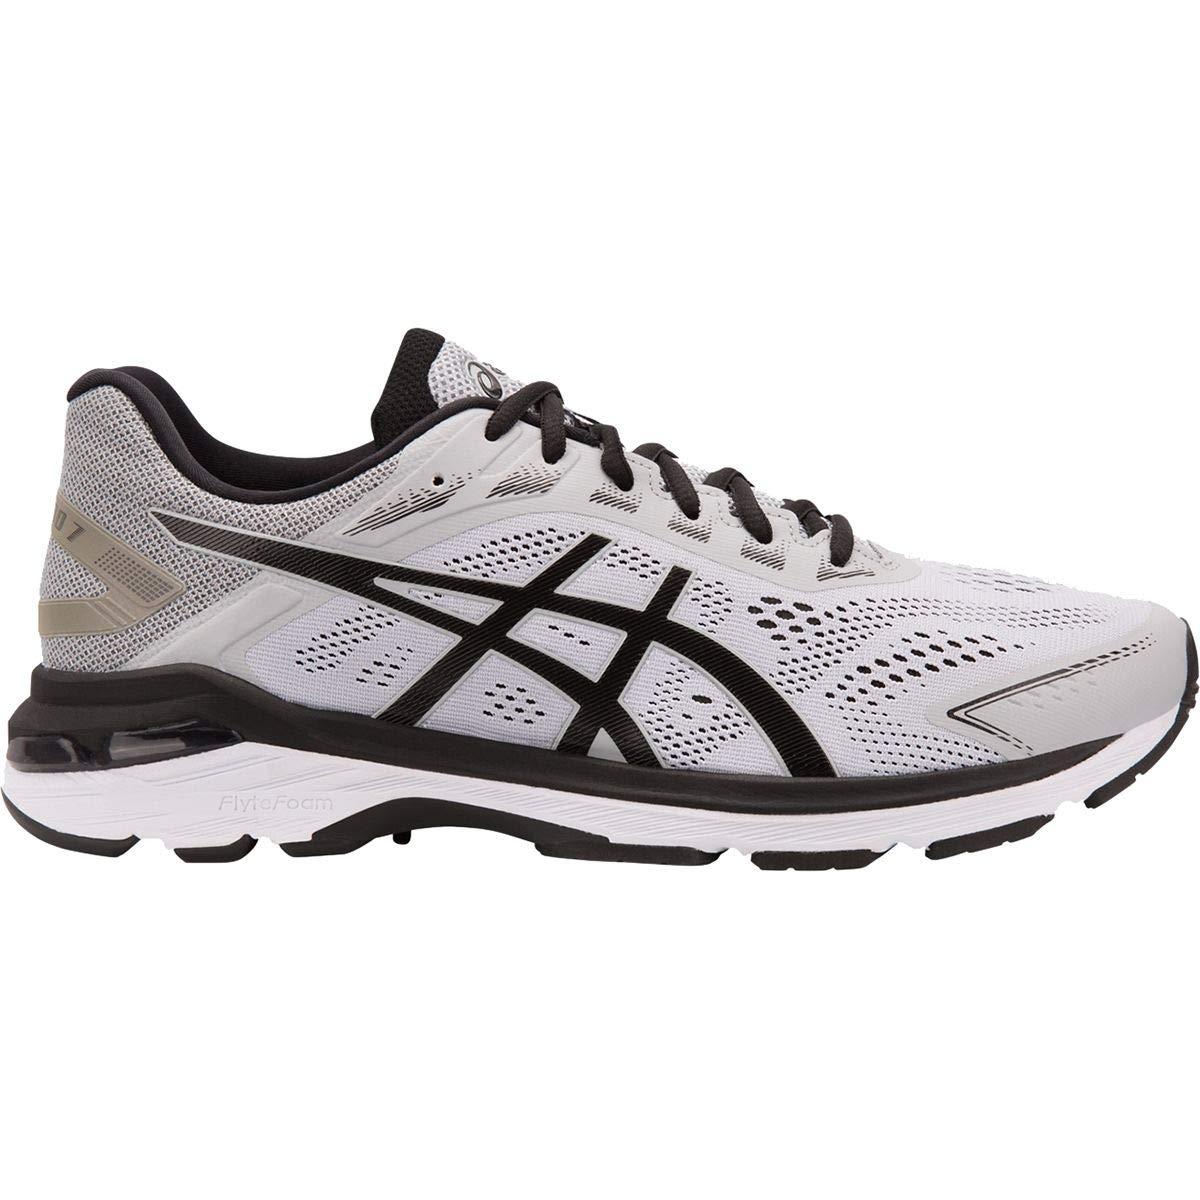 【完売】  [アシックス] メンズ Running ランニング B07NXXBLP7 GT-2000 メンズ 7 Running Shoe [並行輸入品] B07NXXBLP7 13, Kimono-Shinei 2号店:bcdf4966 --- getkiddyfox.com